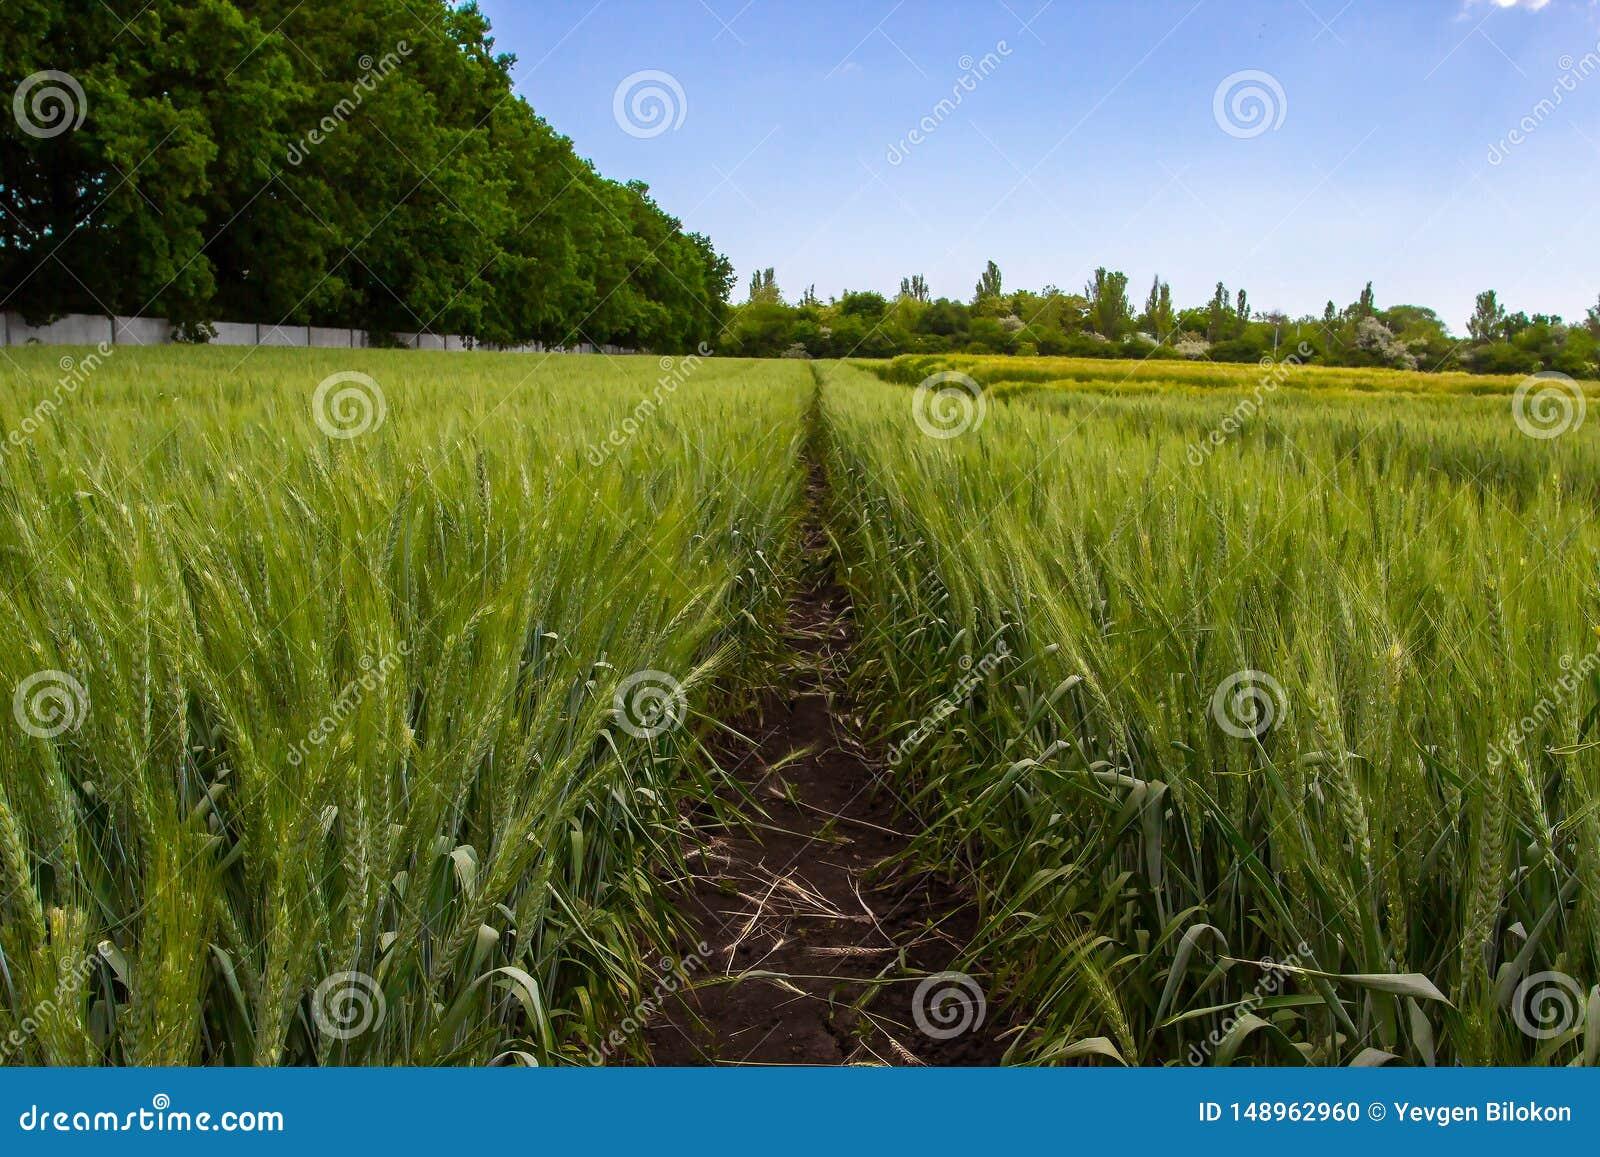 Gr?nt vetef?lt som omges av skogen under bl? himmel